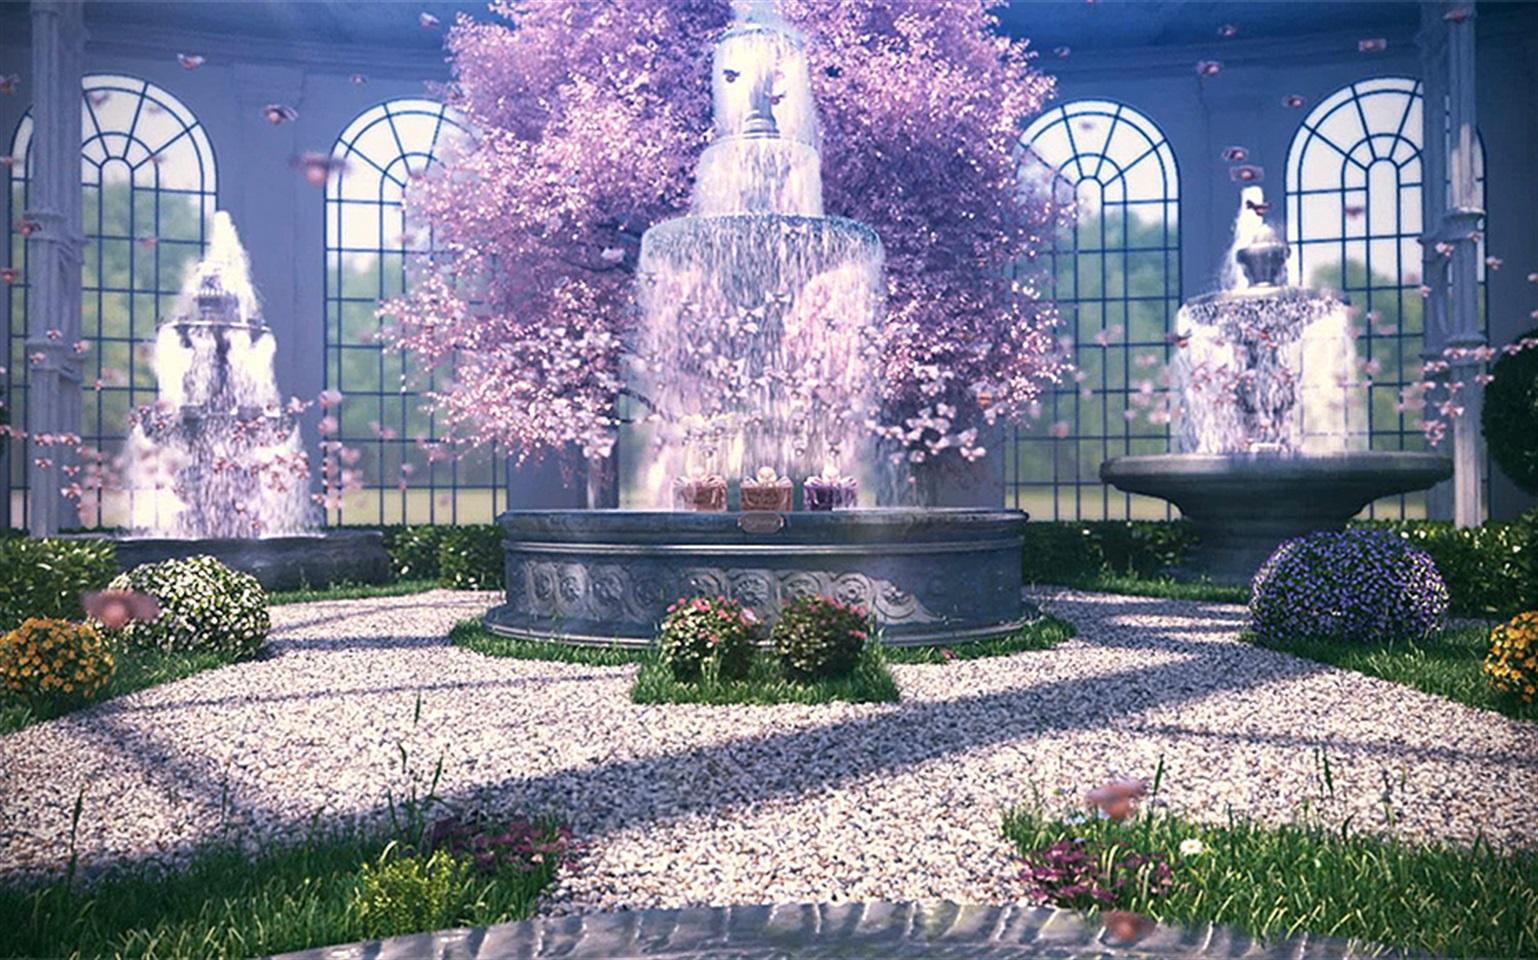 Una signorina nel giardino delle meraviglie glamour.it